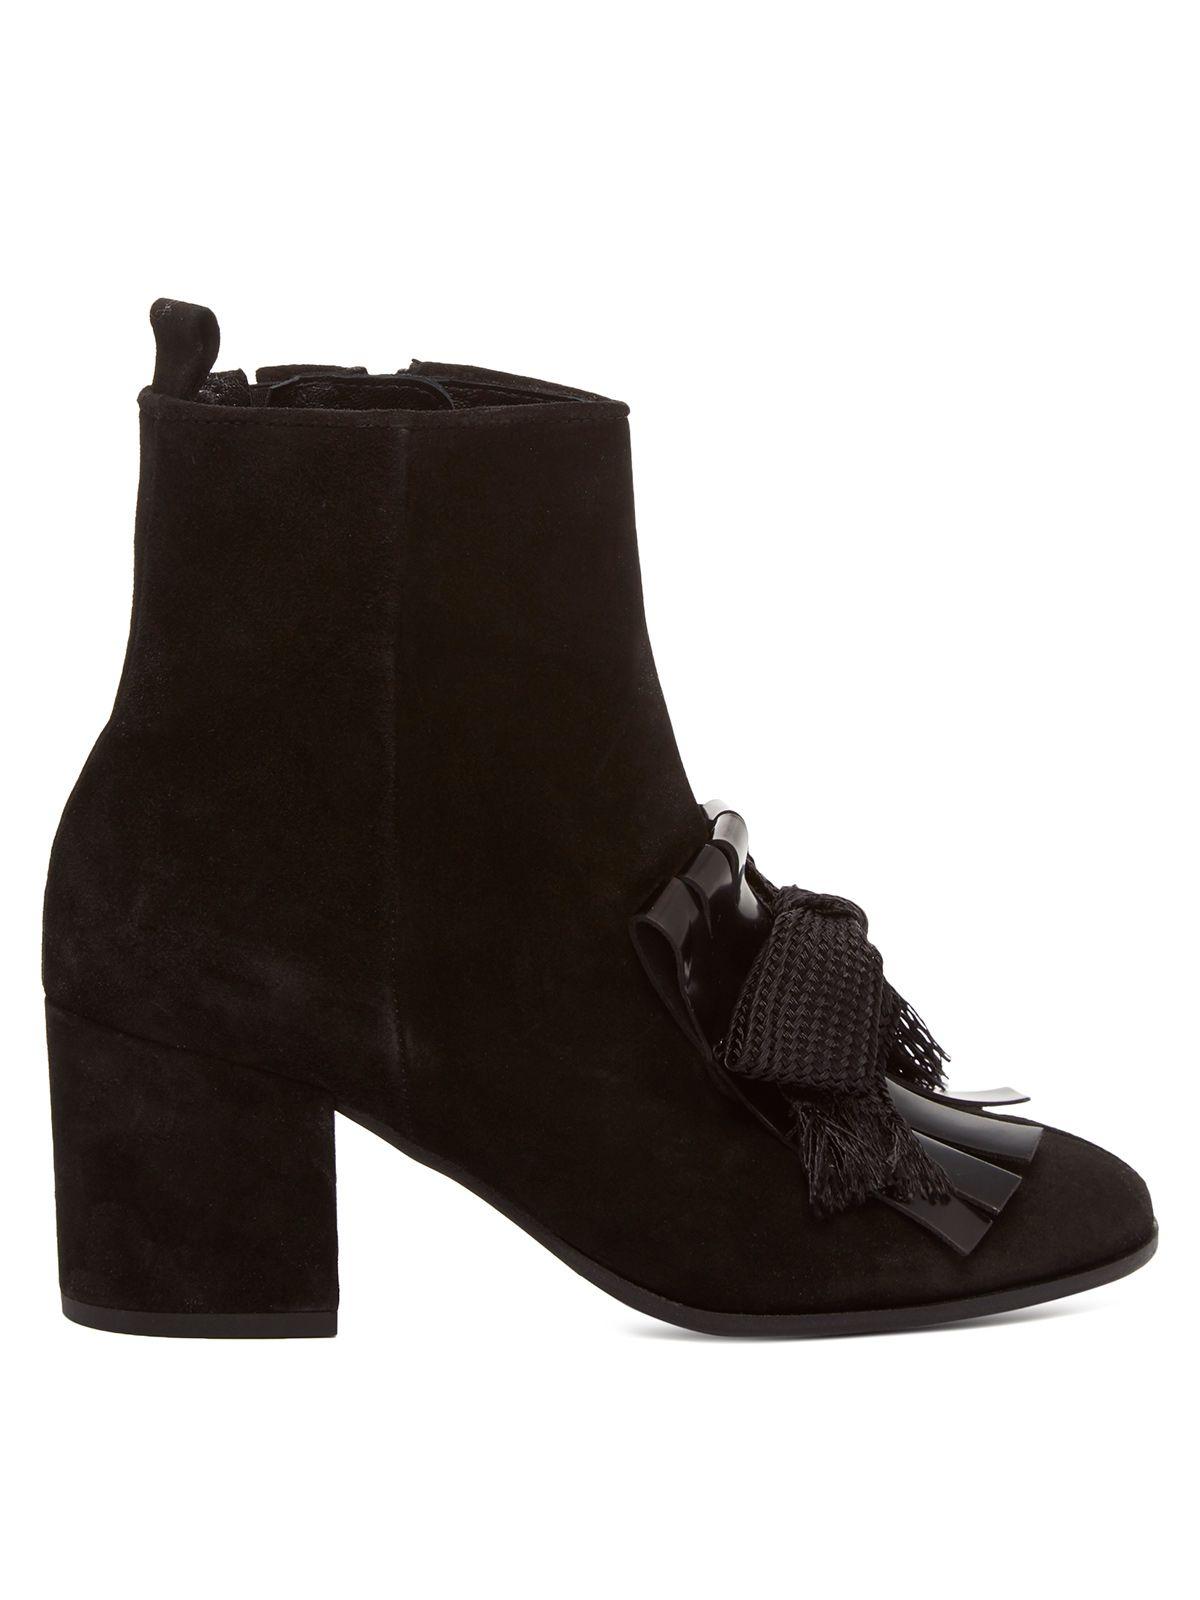 SCHÖNE< HIGH Heels Stiefelette Damen Männer Boots EU42 UK8